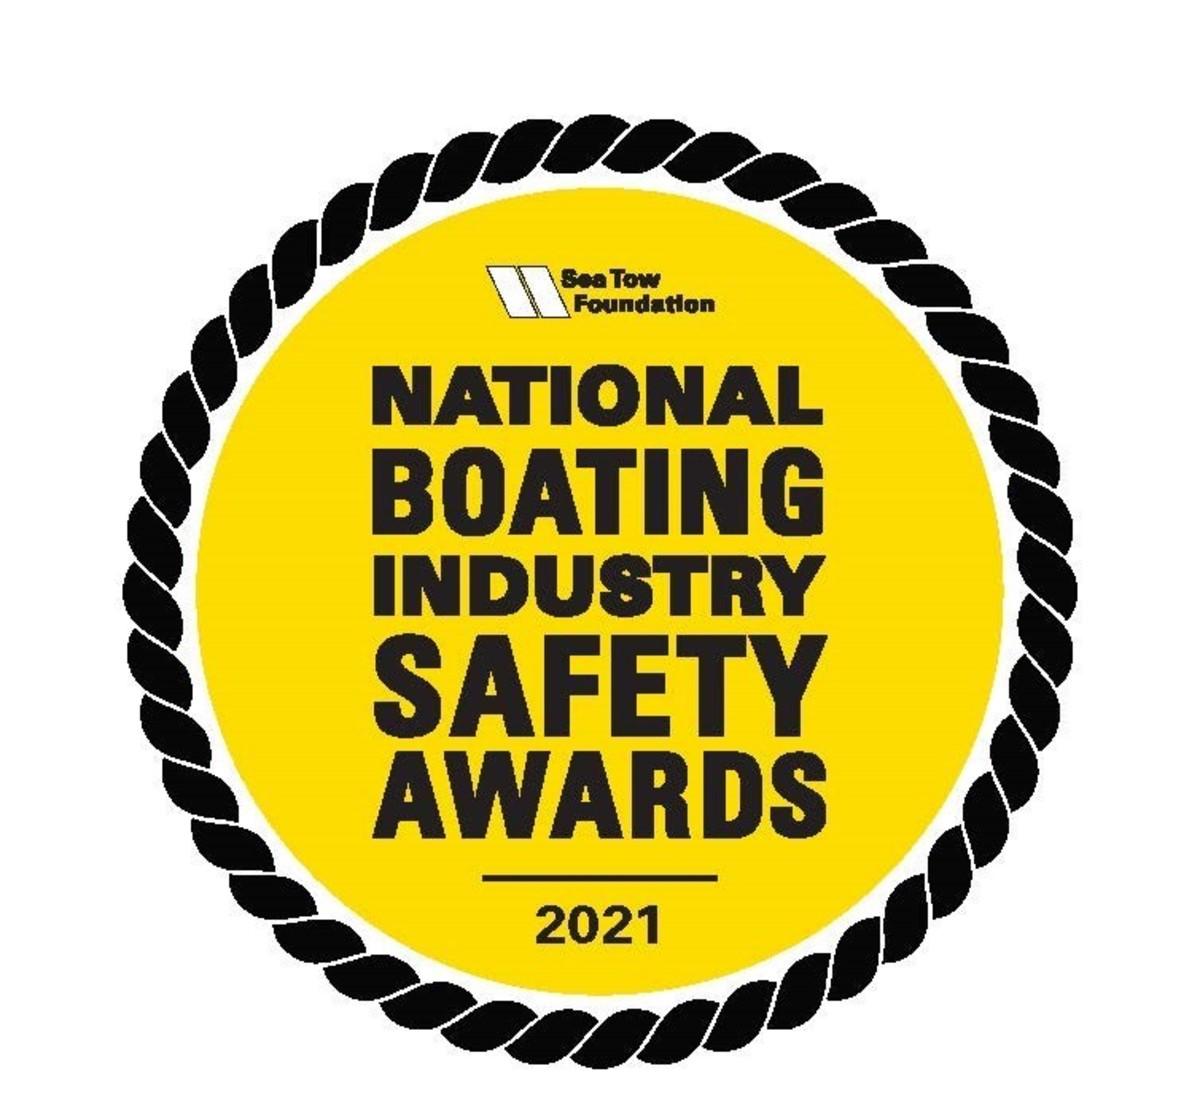 SS_logo_advisory_awards-2021